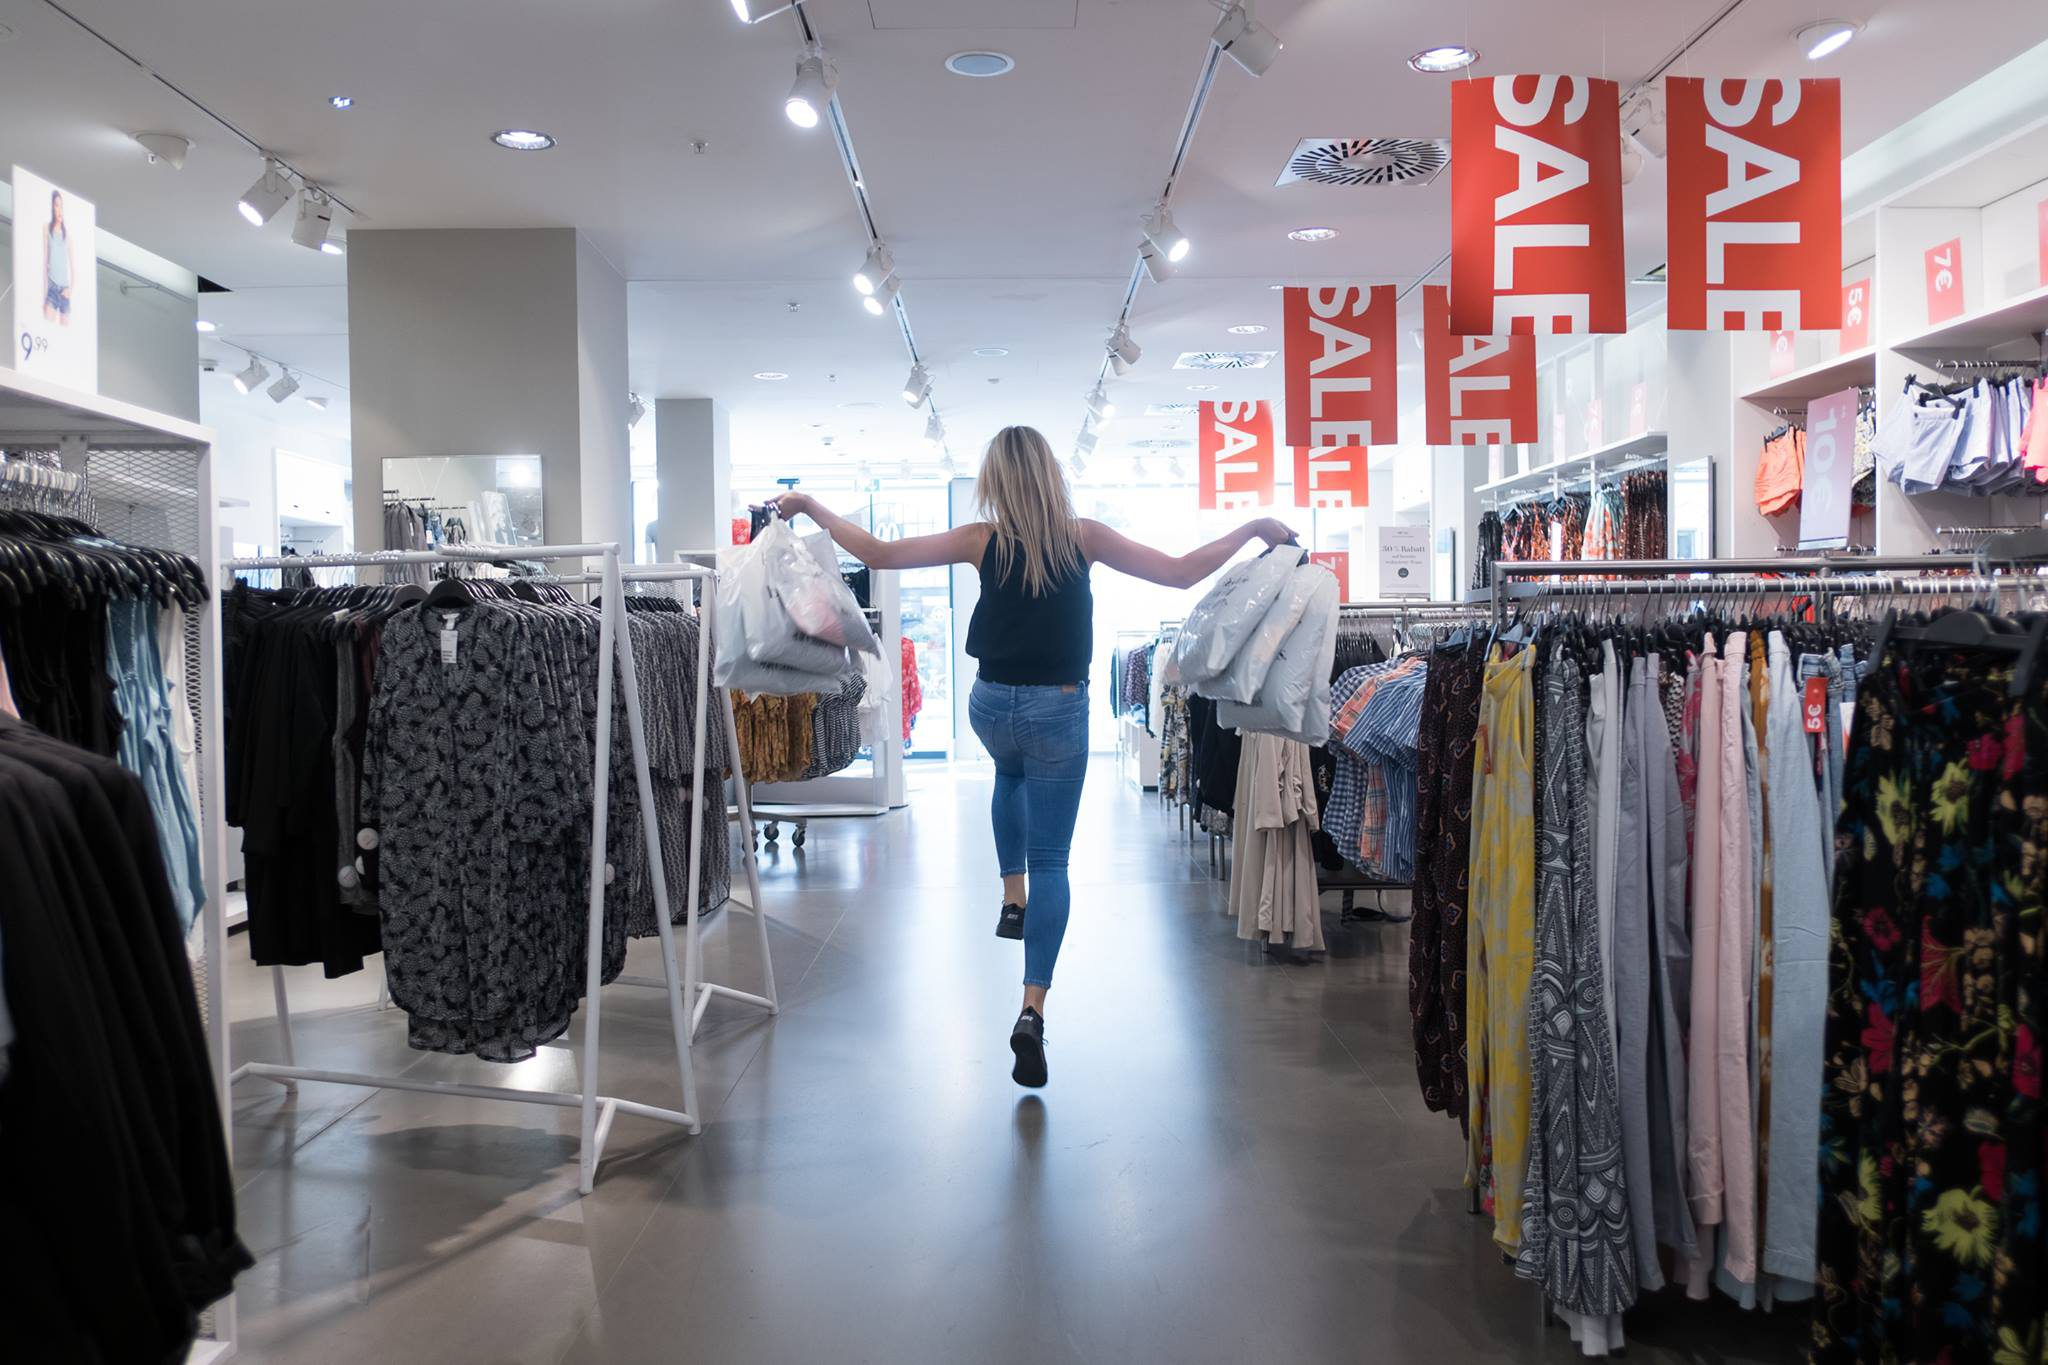 ¿Tienes ropa vieja o que ya no usas? H&M hace negocio con ella